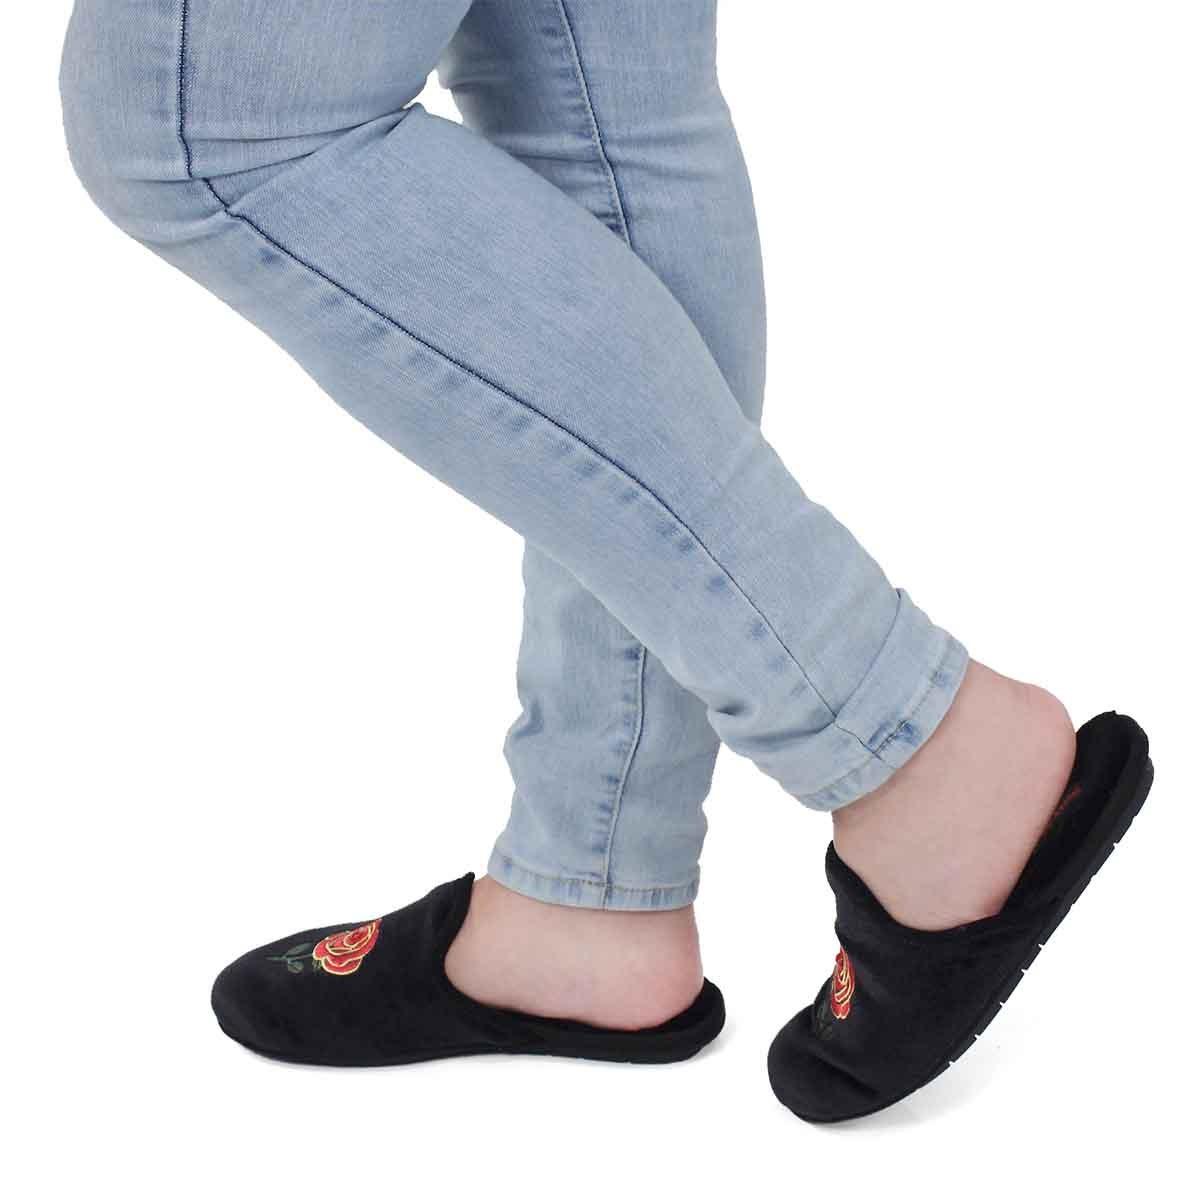 Lds Roya rose open back slipper